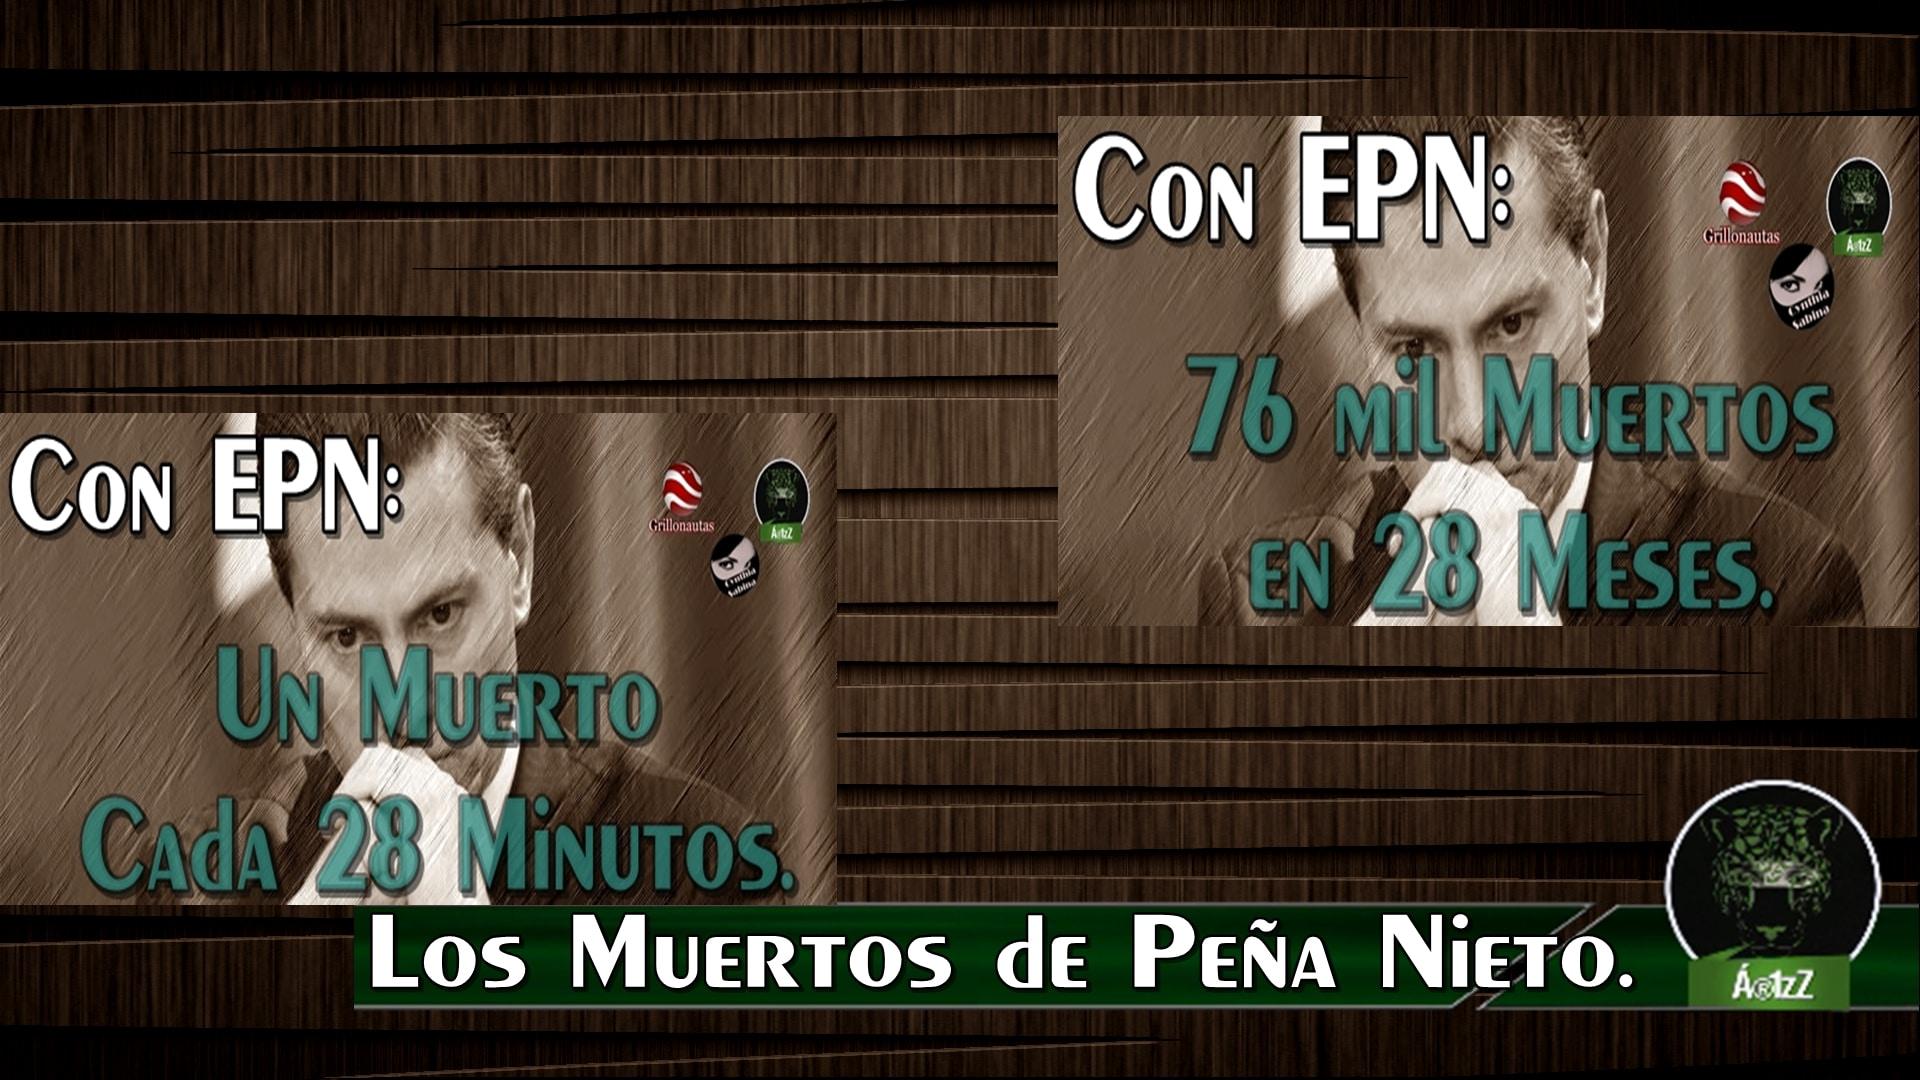 Los muertos de Peña Nieto.